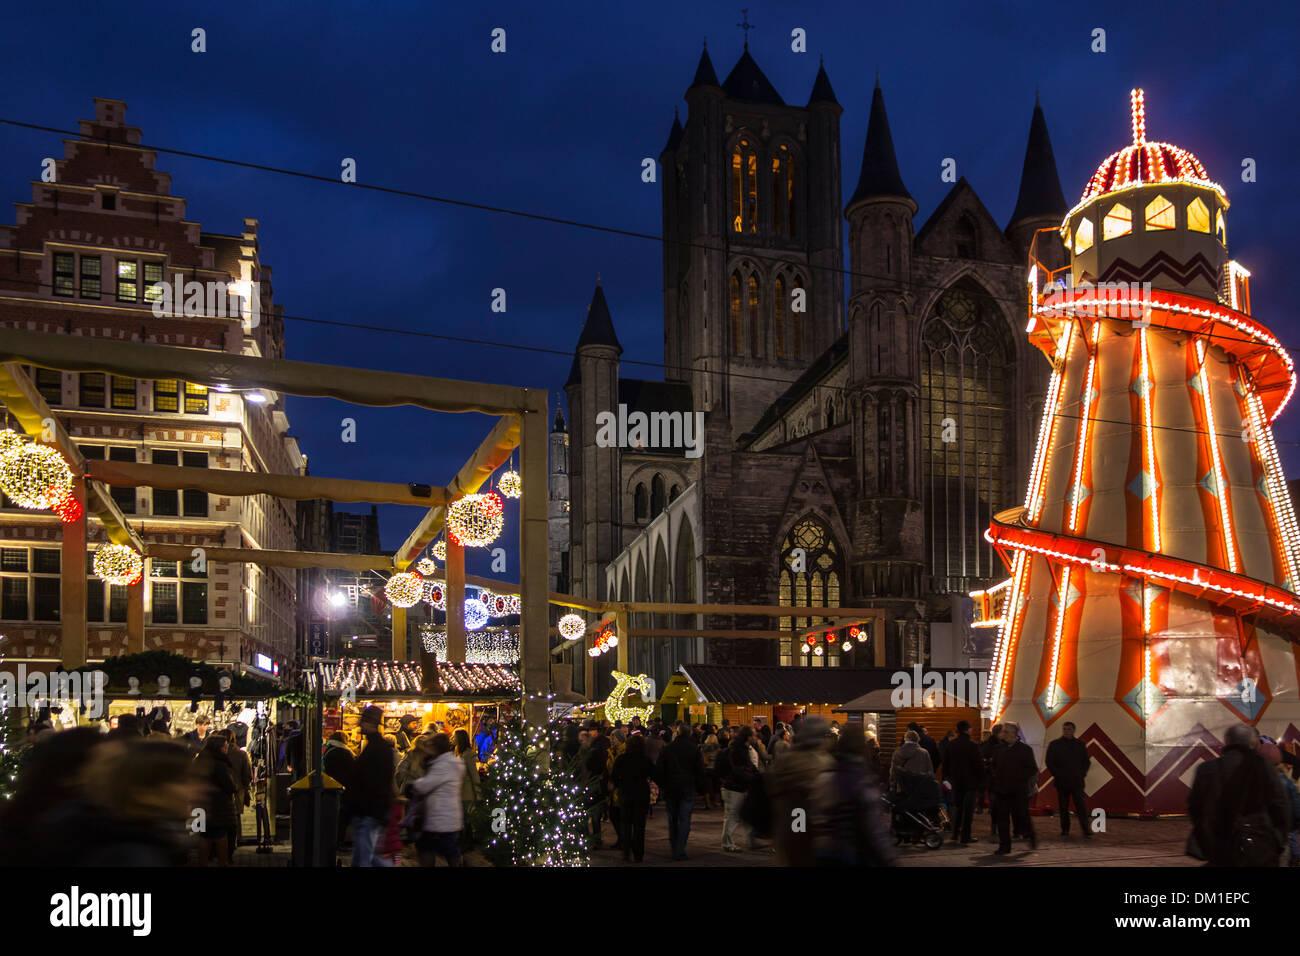 Helter Skelter Iluminada Y Gente De Compras En La Noche De Navidad En El Mercado De Invierno Korenmarkt Maíz Mercado Gante Bélgica Fotografía De Stock Alamy